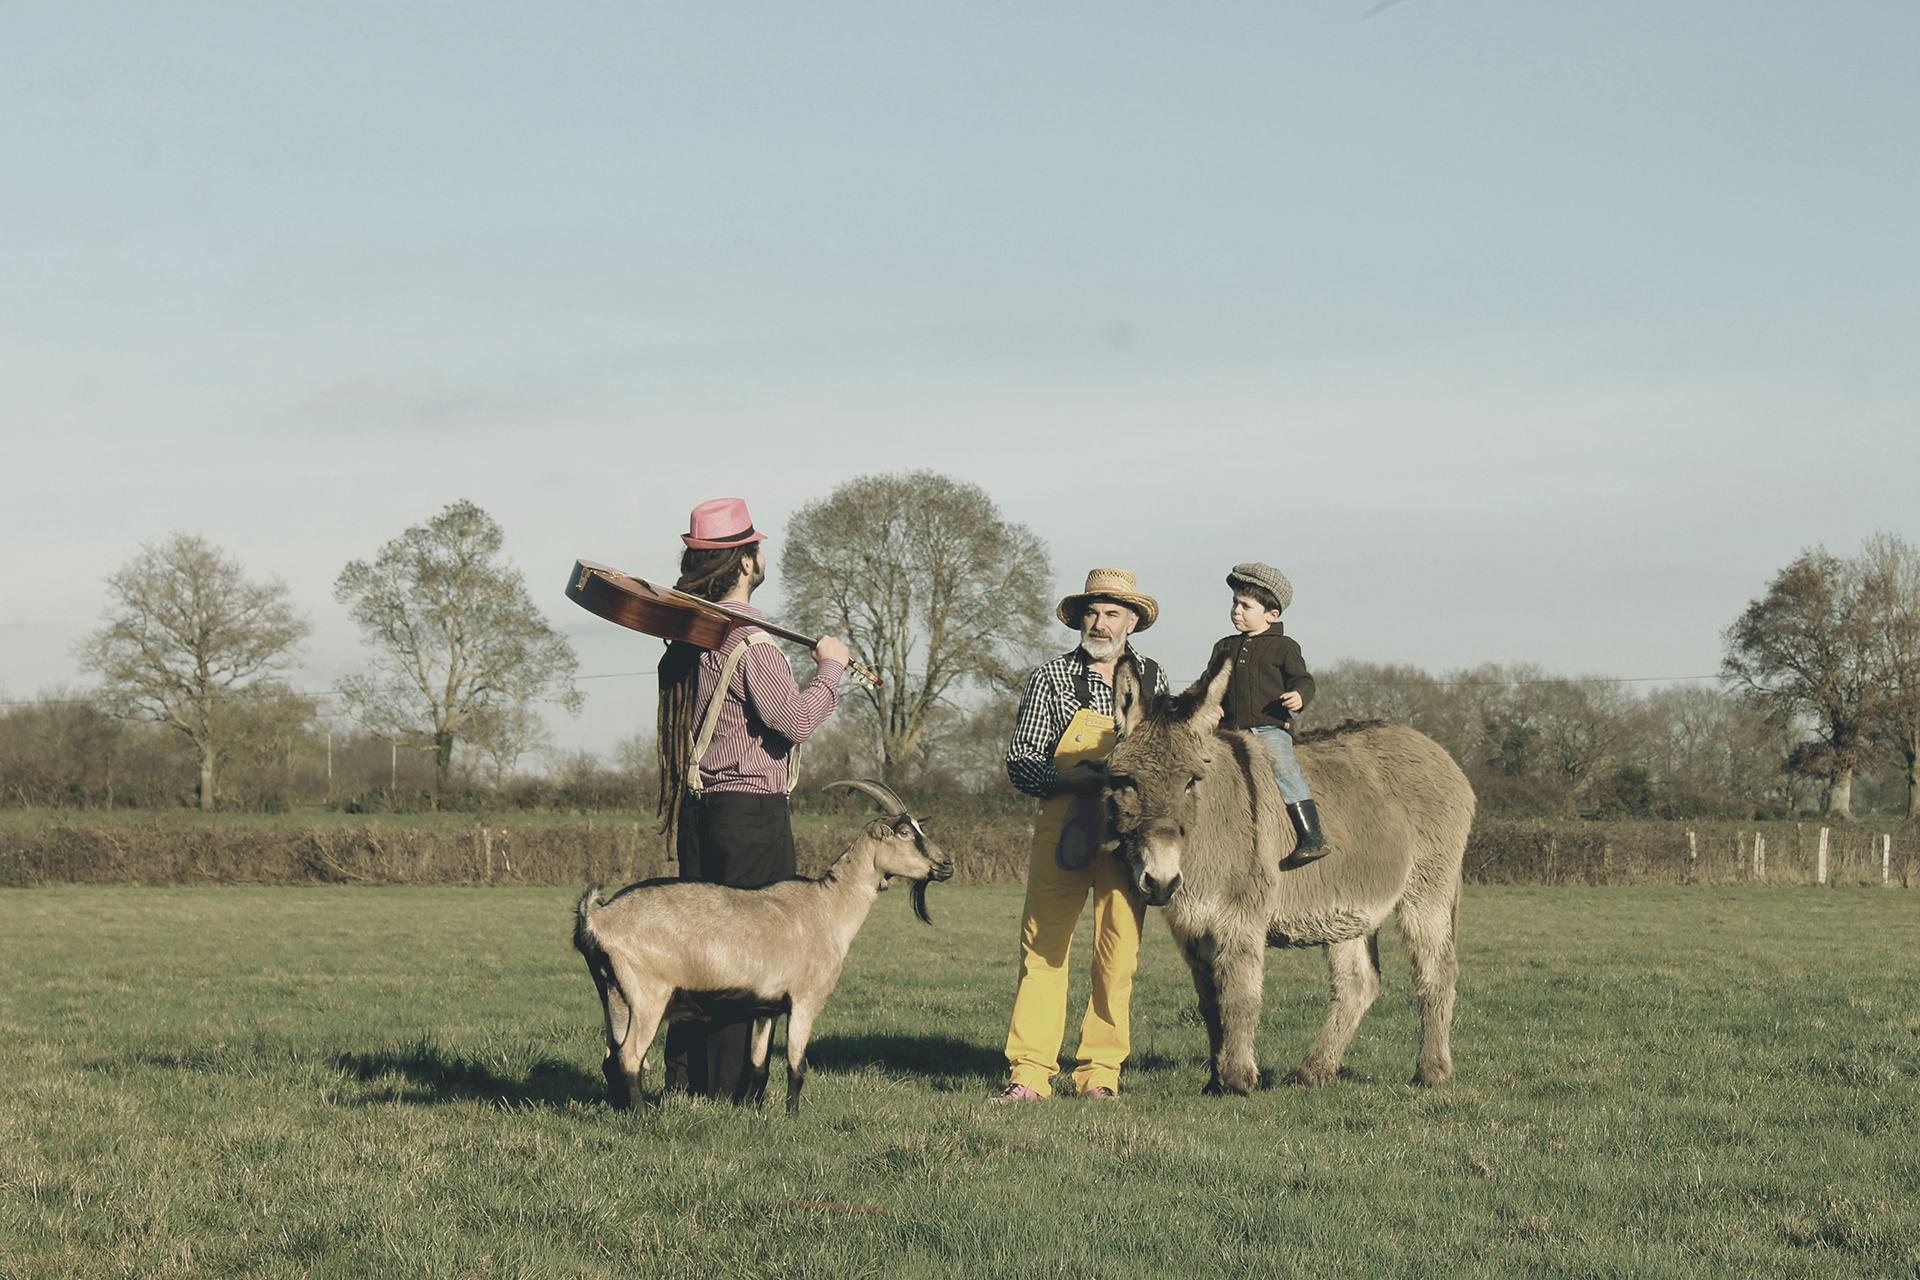 La rencontre de Tiligolo le fermier et Fanfare le musicien dans un champ avec une chèvre et un âne